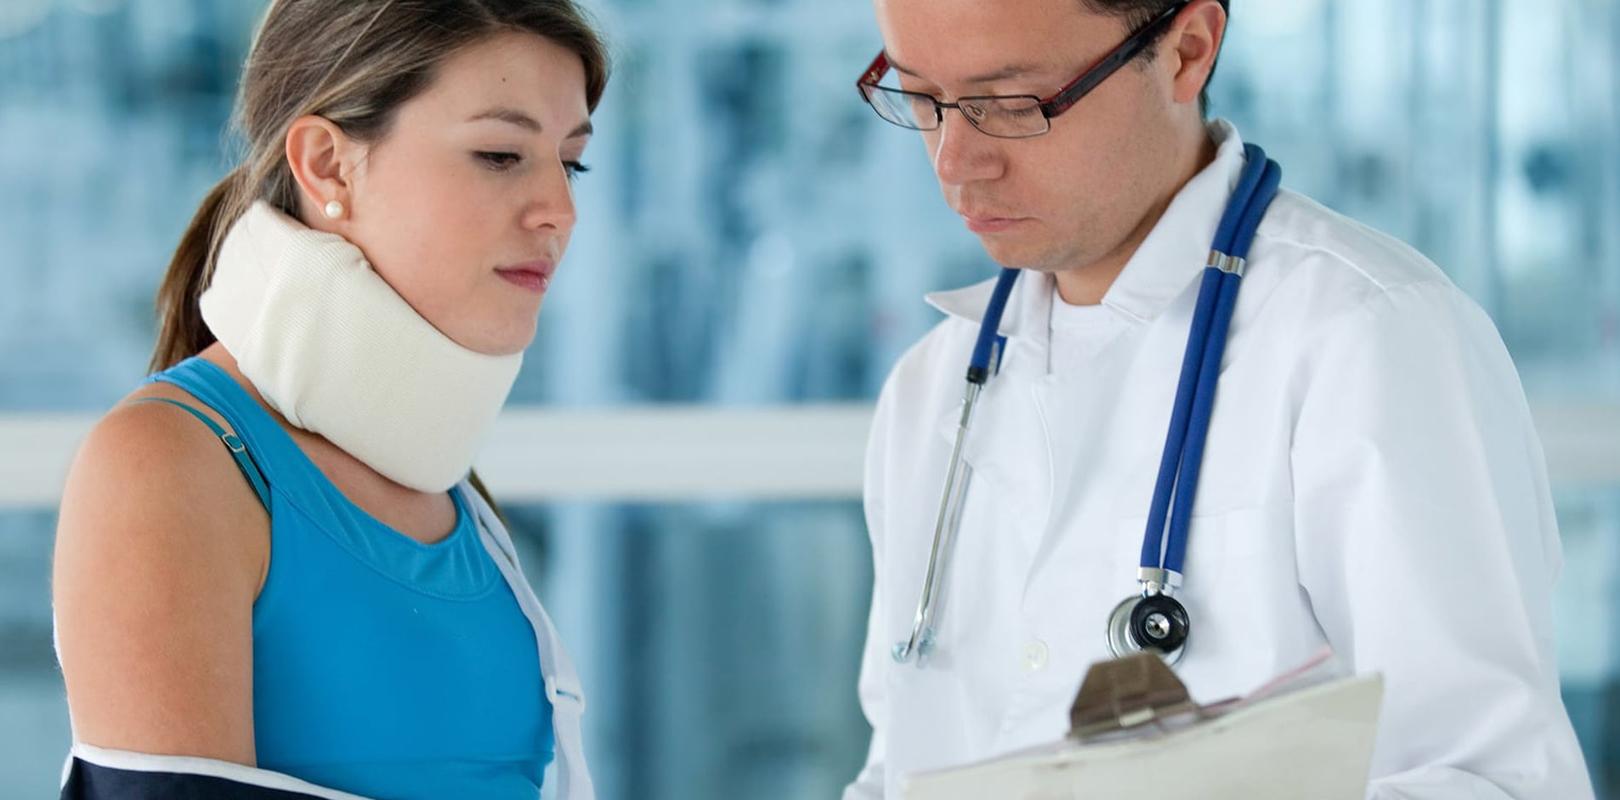 Negligencia médica en tiempos de Covid 19